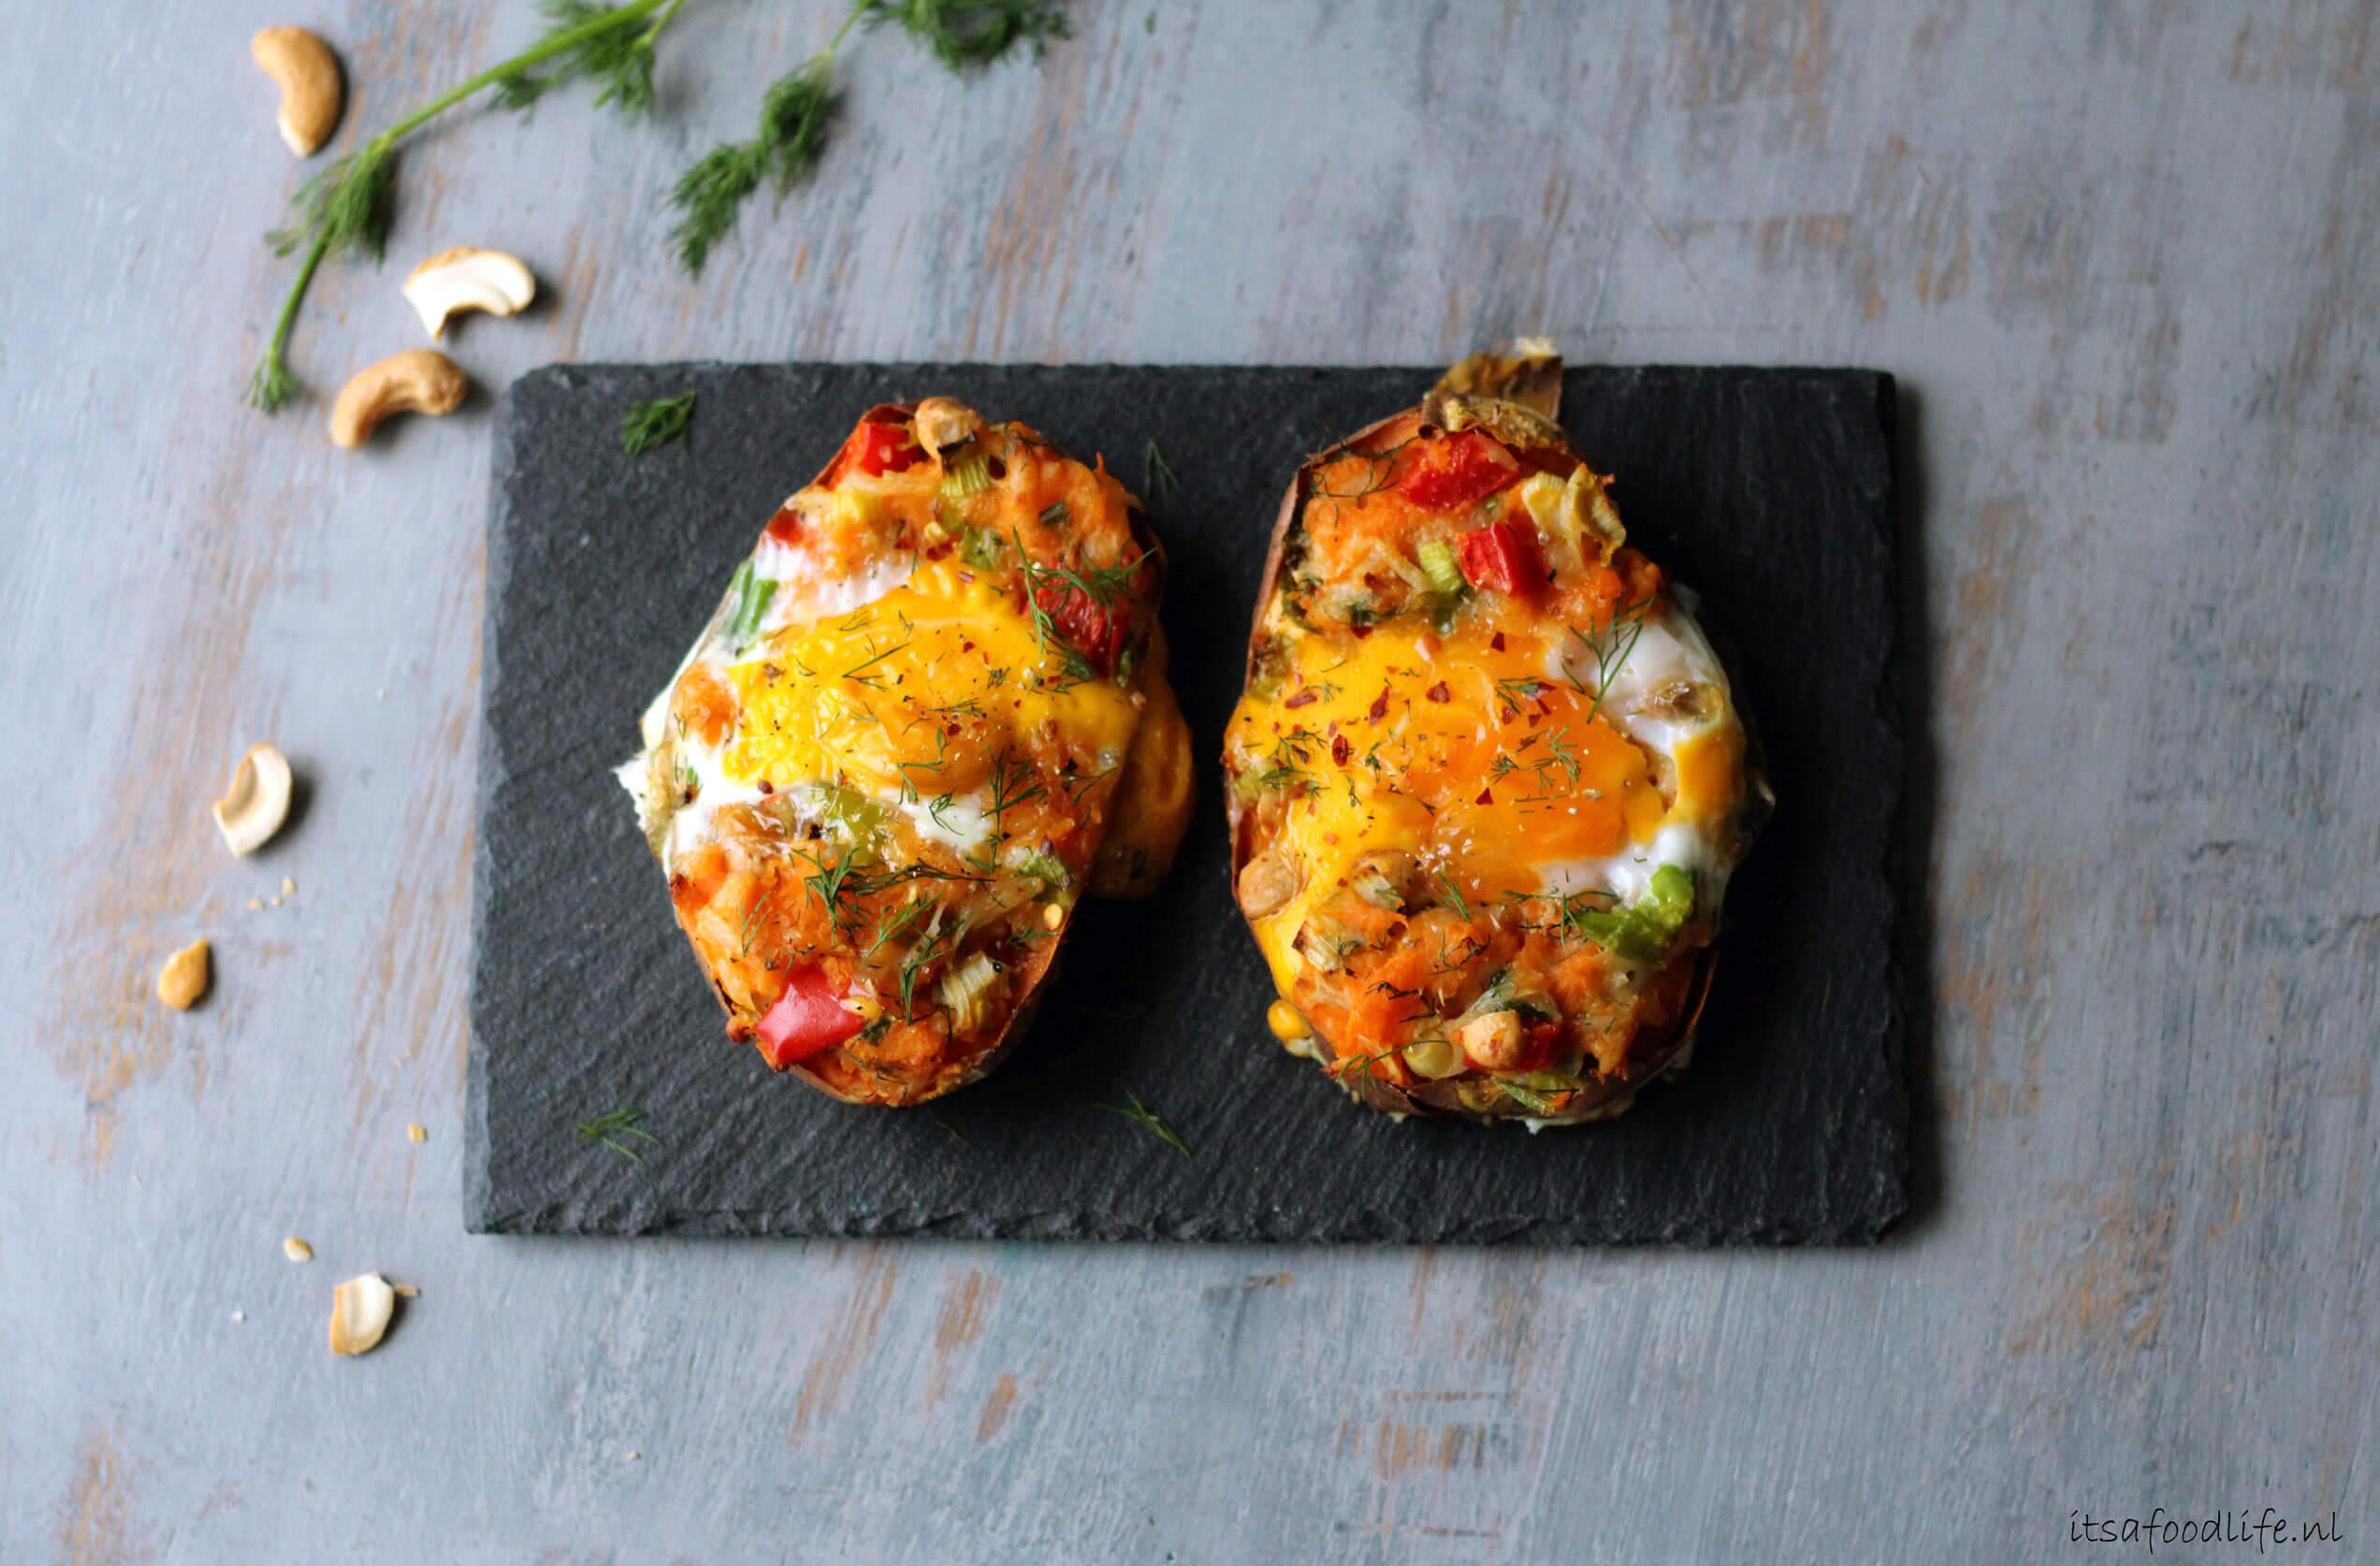 gevulde zoete aardappel uit de oven met ei en dille | It's a Food Life